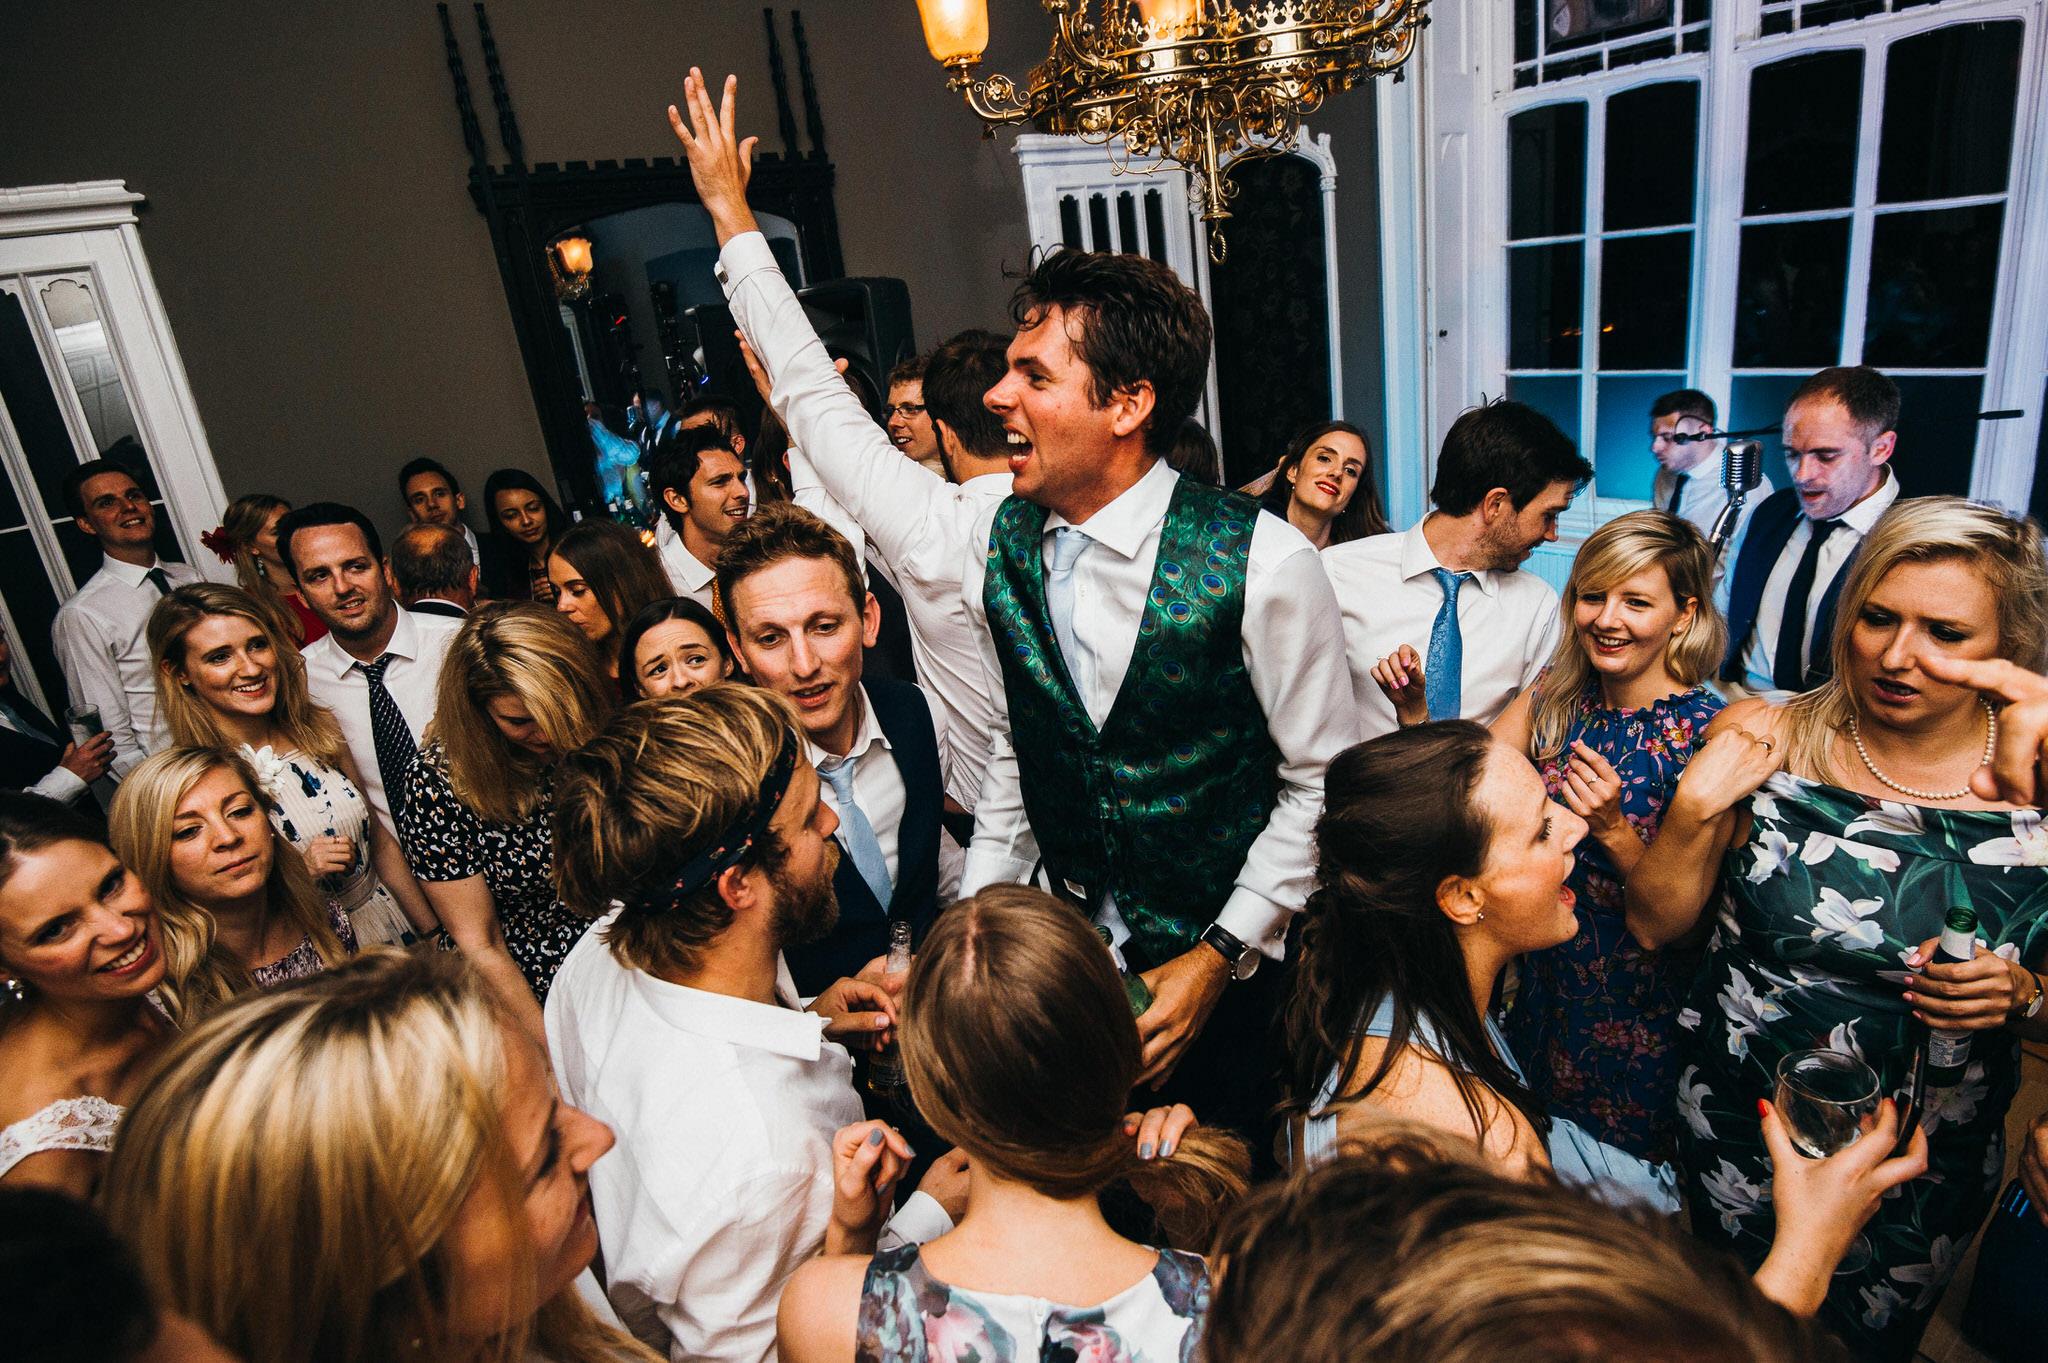 dancefloor Nonsuch mansion wedding